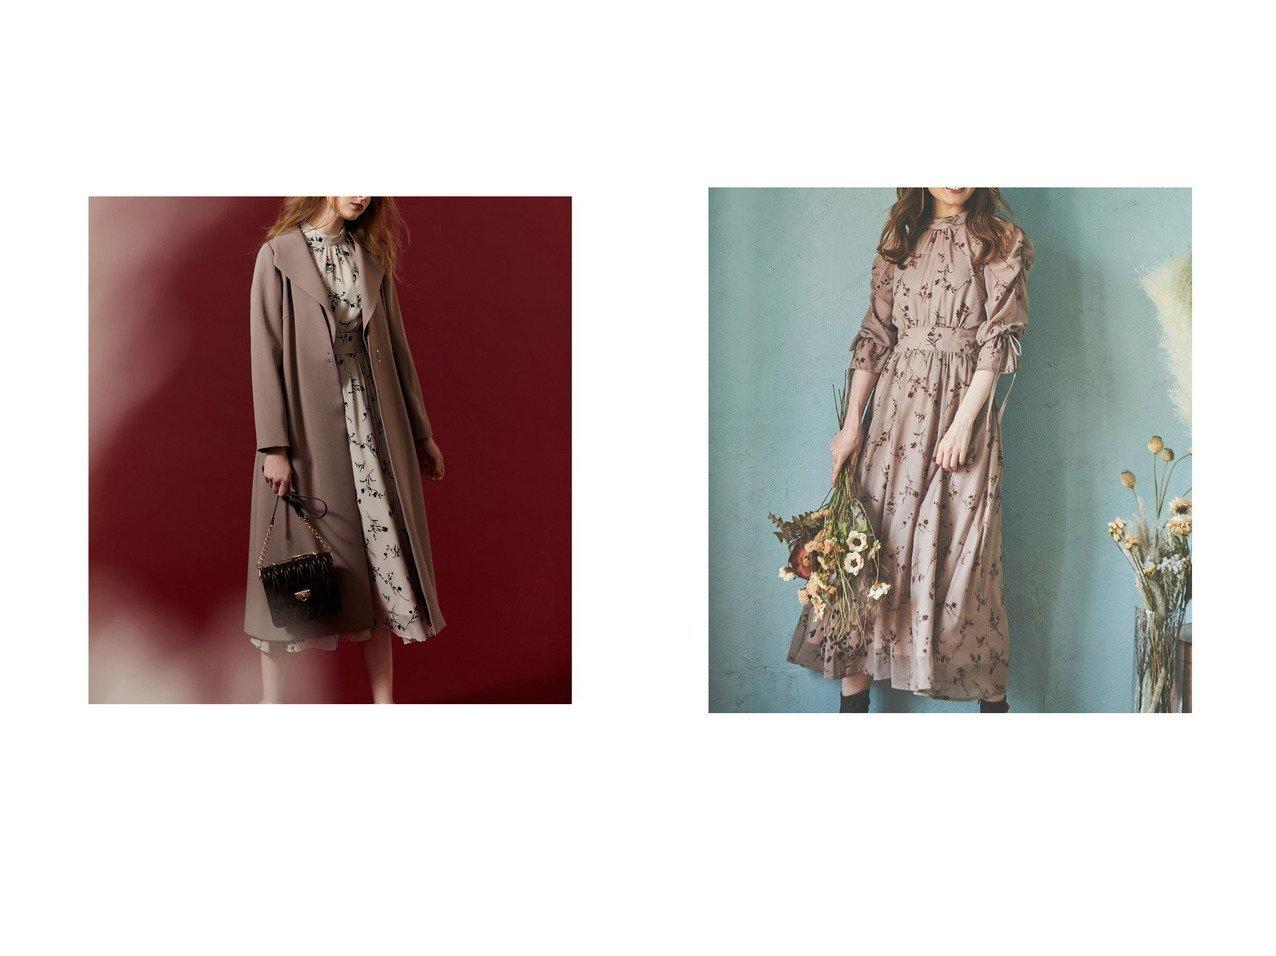 【Noela/ノエラ】のバックフレアオータムコート&フロッキーエアリーワンピ おすすめ!人気、トレンド・レディースファッションの通販 おすすめで人気の流行・トレンド、ファッションの通販商品 インテリア・家具・メンズファッション・キッズファッション・レディースファッション・服の通販 founy(ファニー) https://founy.com/ ファッション Fashion レディースファッション WOMEN ワンピース Dress アウター Coat Outerwear コート Coats 2021年 2021 2021-2022秋冬・A/W AW・Autumn/Winter・FW・Fall-Winter・2021-2022 A/W・秋冬 AW・Autumn/Winter・FW・Fall-Winter インナーキャミ エアリー シアー リボン フレア 秋 Autumn/Fall  ID:crp329100000071012